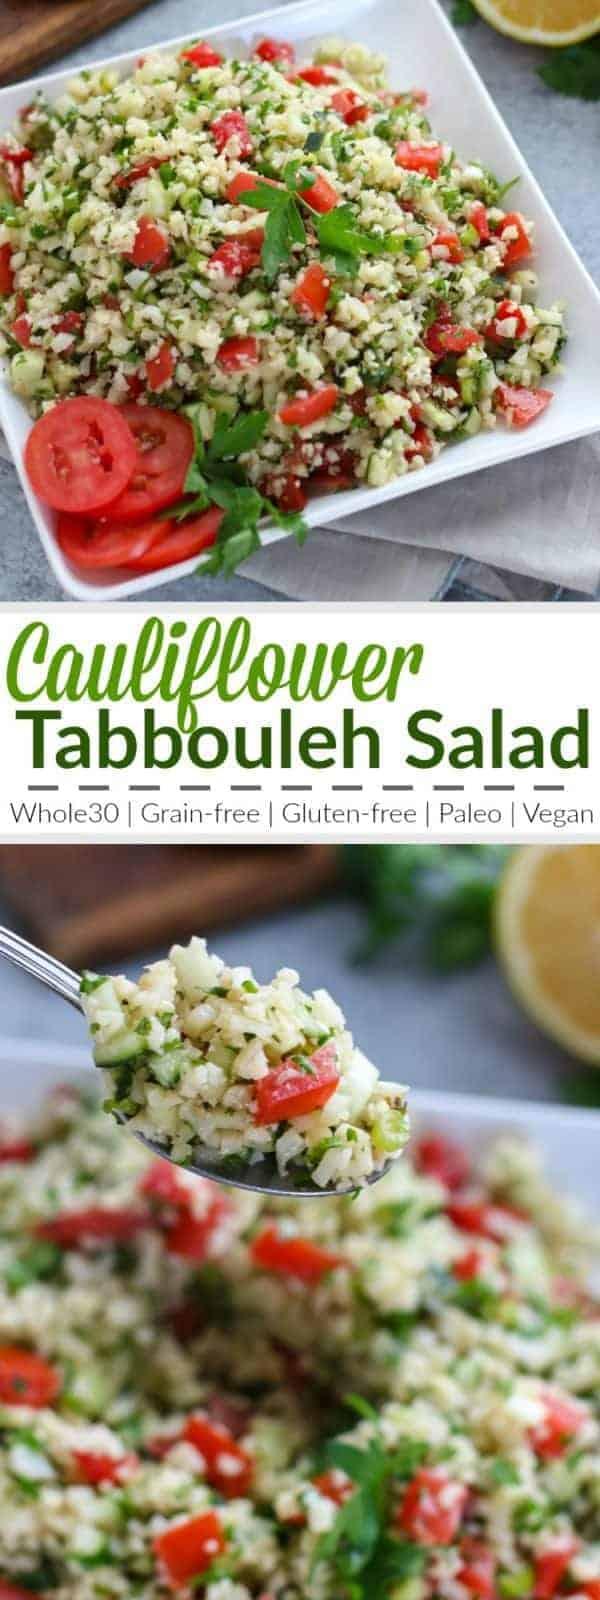 pinterest image for Cauliflower Tabbouleh Salad